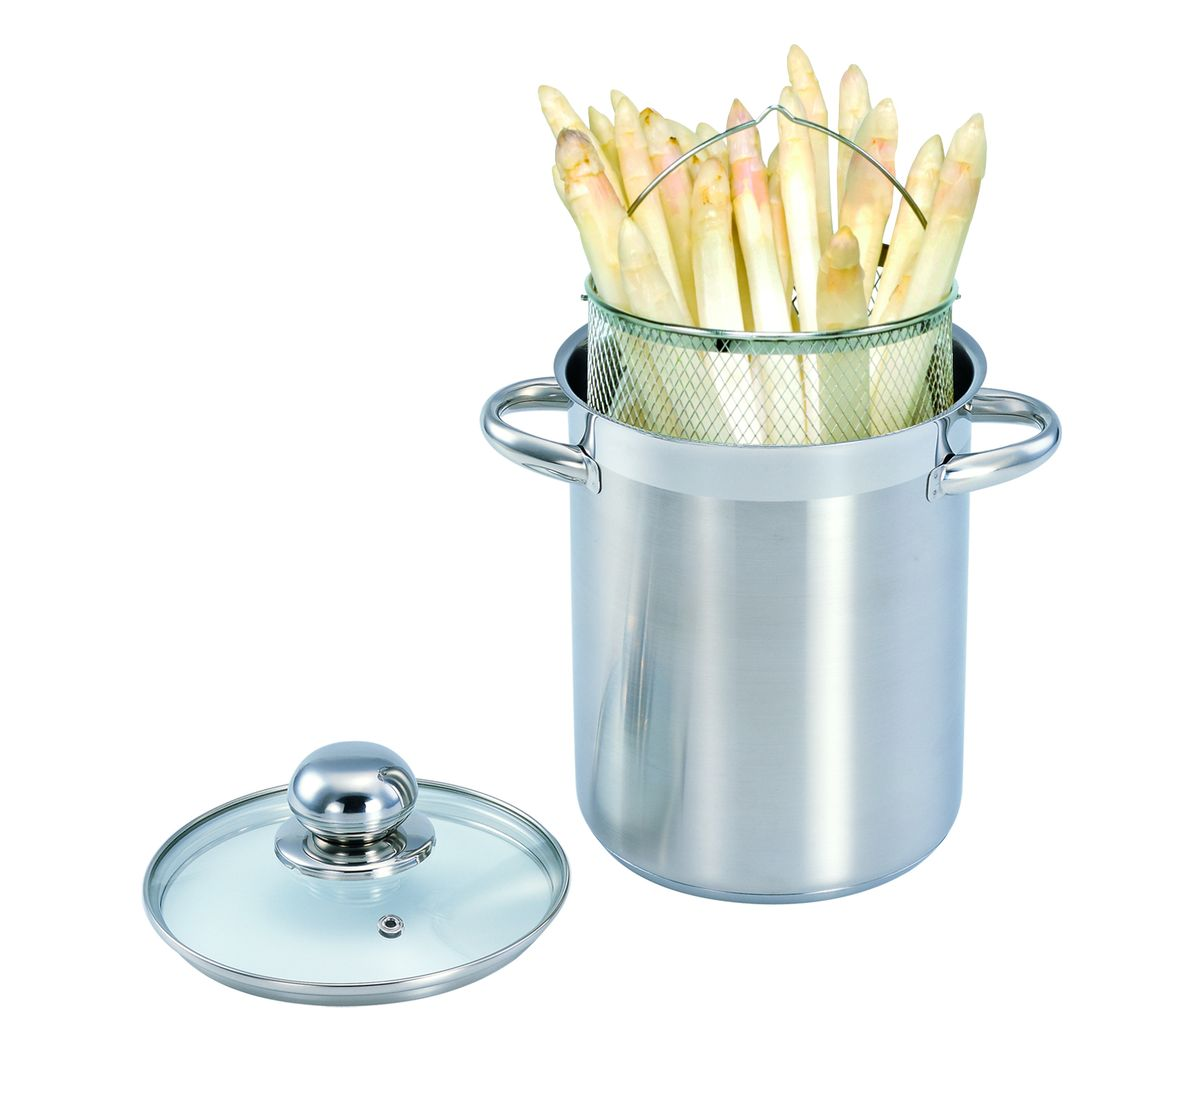 Спагетница 4,1л 440016440016Кастрюля для спагетти изготовлена из высококачественной нержавеющей стали 18/10 с полировкой поверхности до зеркального блеска.Кастрюля для спагетти представляет собой основную кастрюлю и вставку-сетку. Такая кастрюля идеально подходит для приготовления всех видов макаронных изделий, варки компотов. Сетка-вставка может заменить дуршлаг. Можно использовать как фритюрницу. Высококачественное трехслойное основание с цельноалюминиевой сердцевиной быстро поглощает тепло и равномерно распределяетСварные ручки из нержавеющей стали обеспечивают превосходную прочность и долговечность. Крышка с вентиляционным отверстием изготовлена из качественного жаростойкого стекла, что позволяет контролировать процесс приготовления пищи без потерь тепла, а также обеспечивает легкость и контроль приготовления пищи. Подходит для всех типов конфорок, включая индукционные. Пригодна для мытья в посудомоечной машине. хром